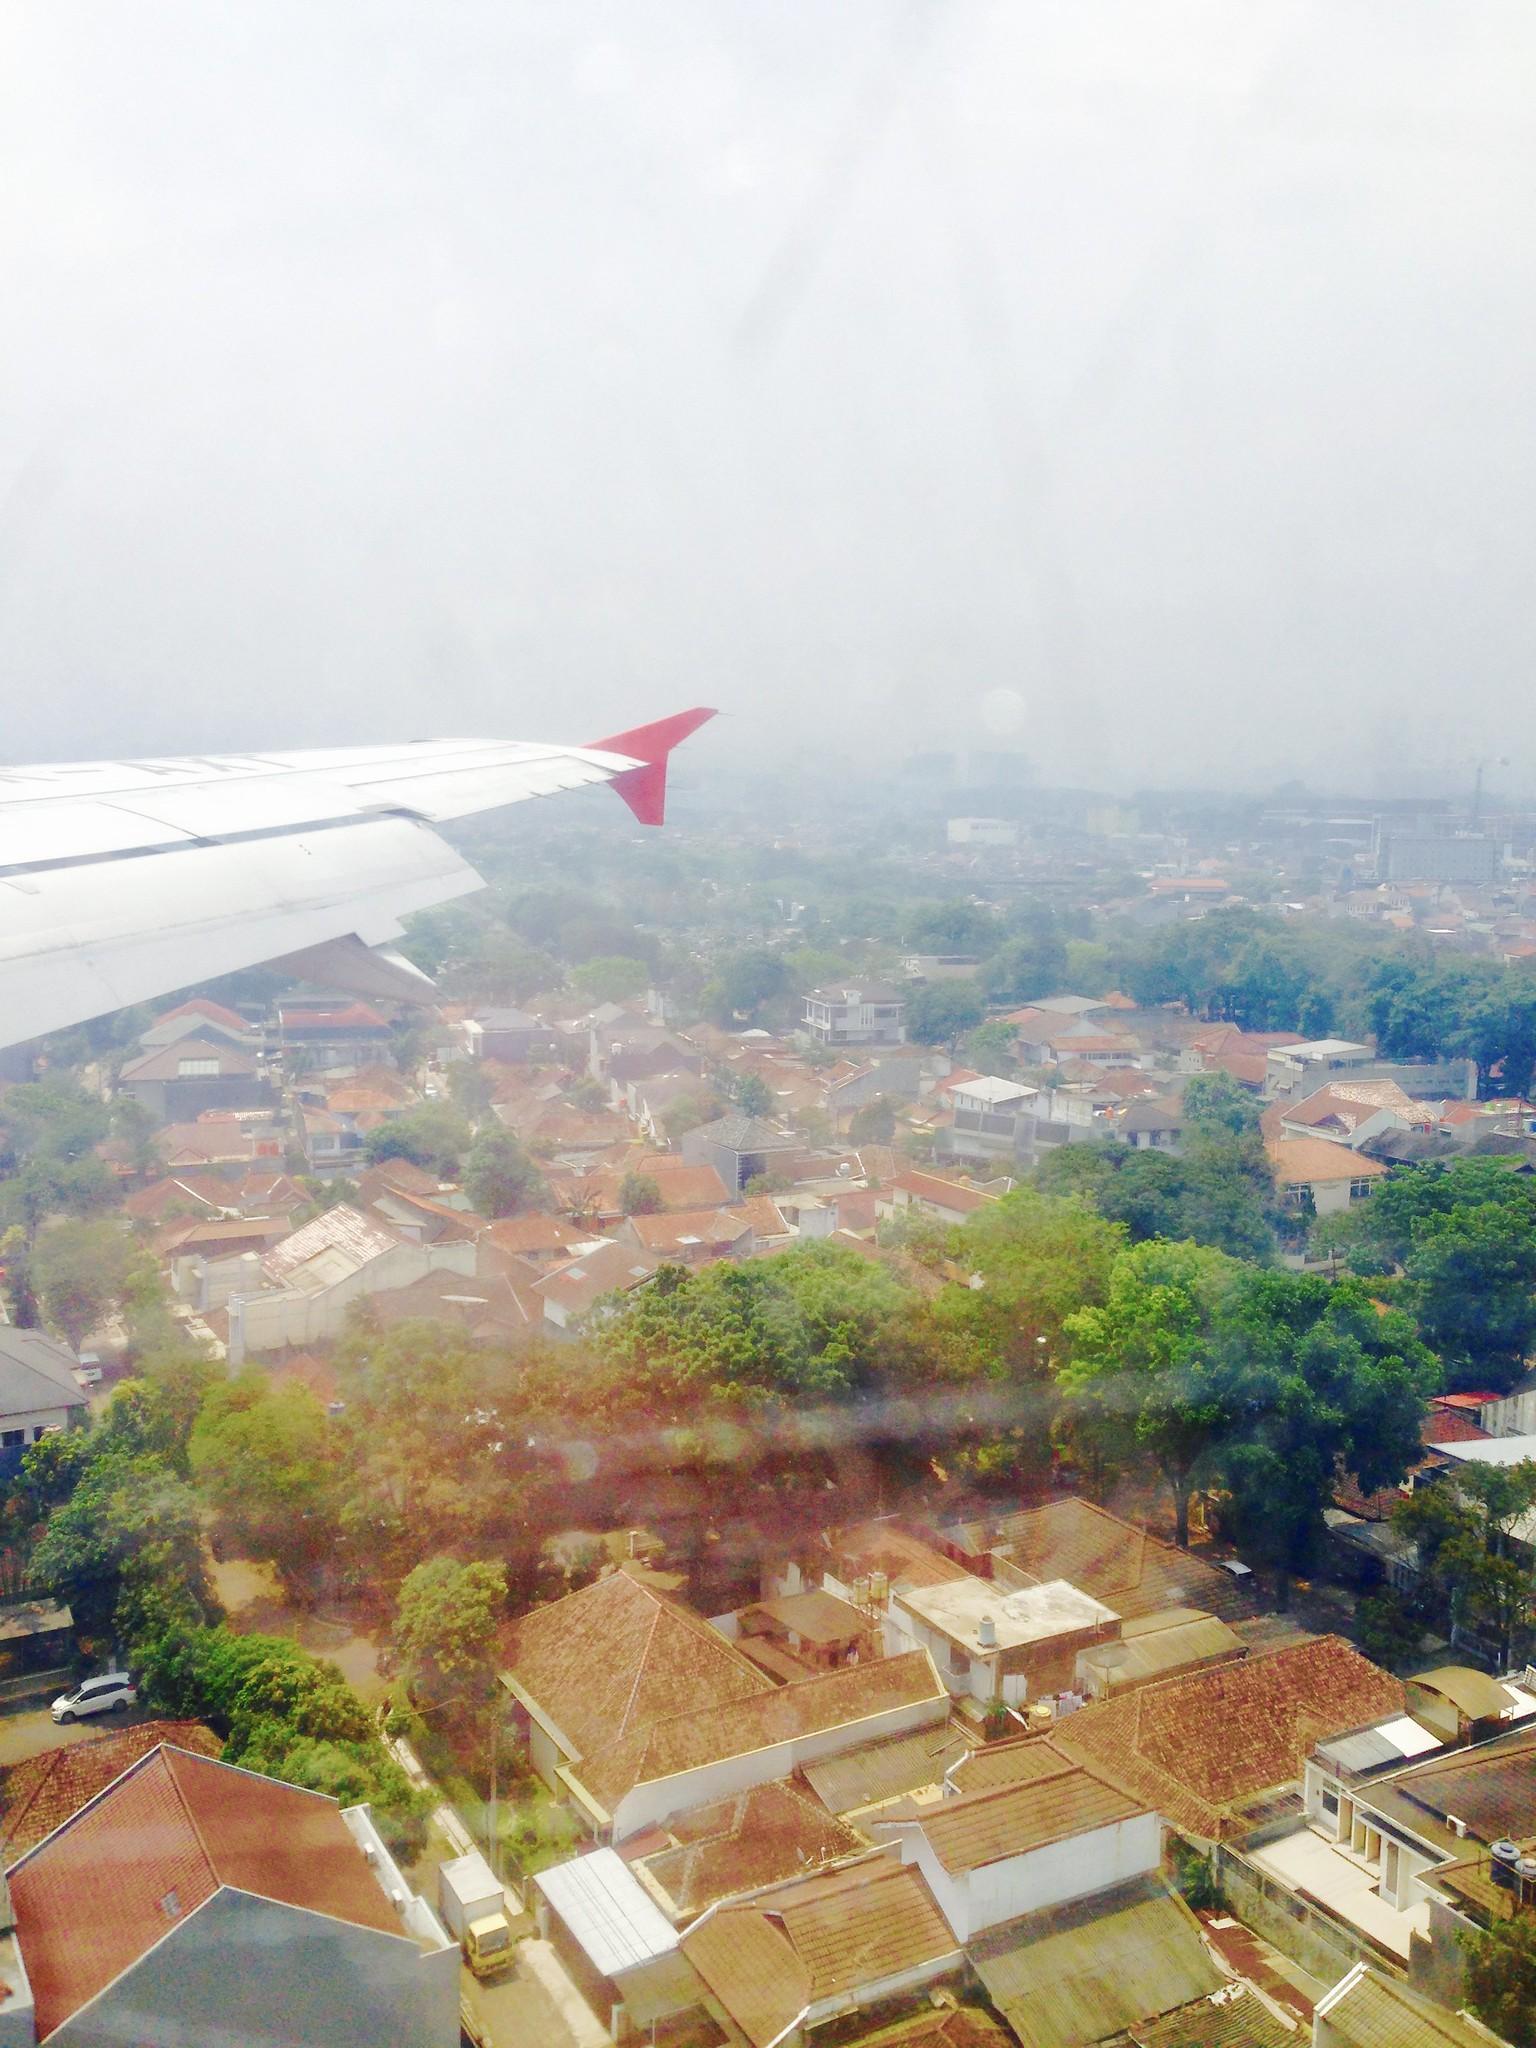 Sticking the Landing, Bandung